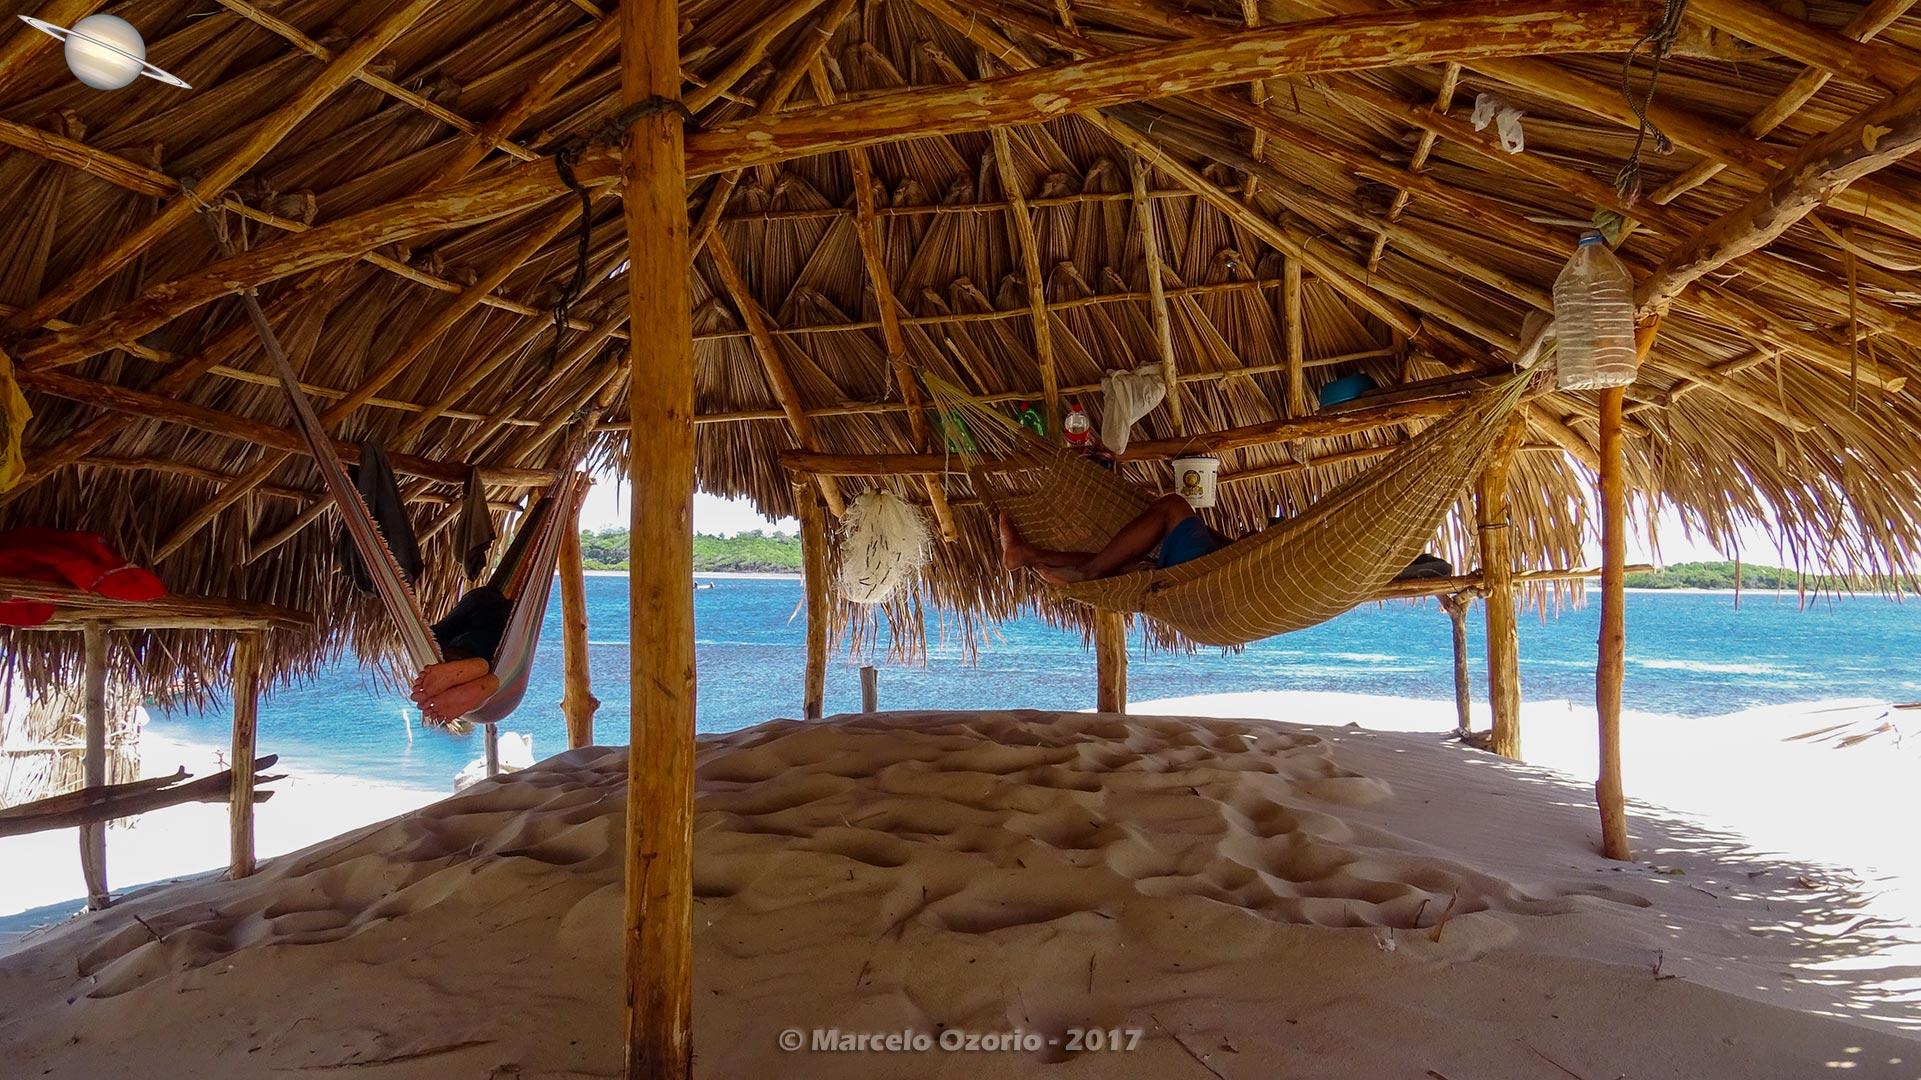 cabure lencois maranhenses brasil 28 - De Barreirinhas à Canto do Atins. Trekking nos Lençóis Maranhenses - Brasil